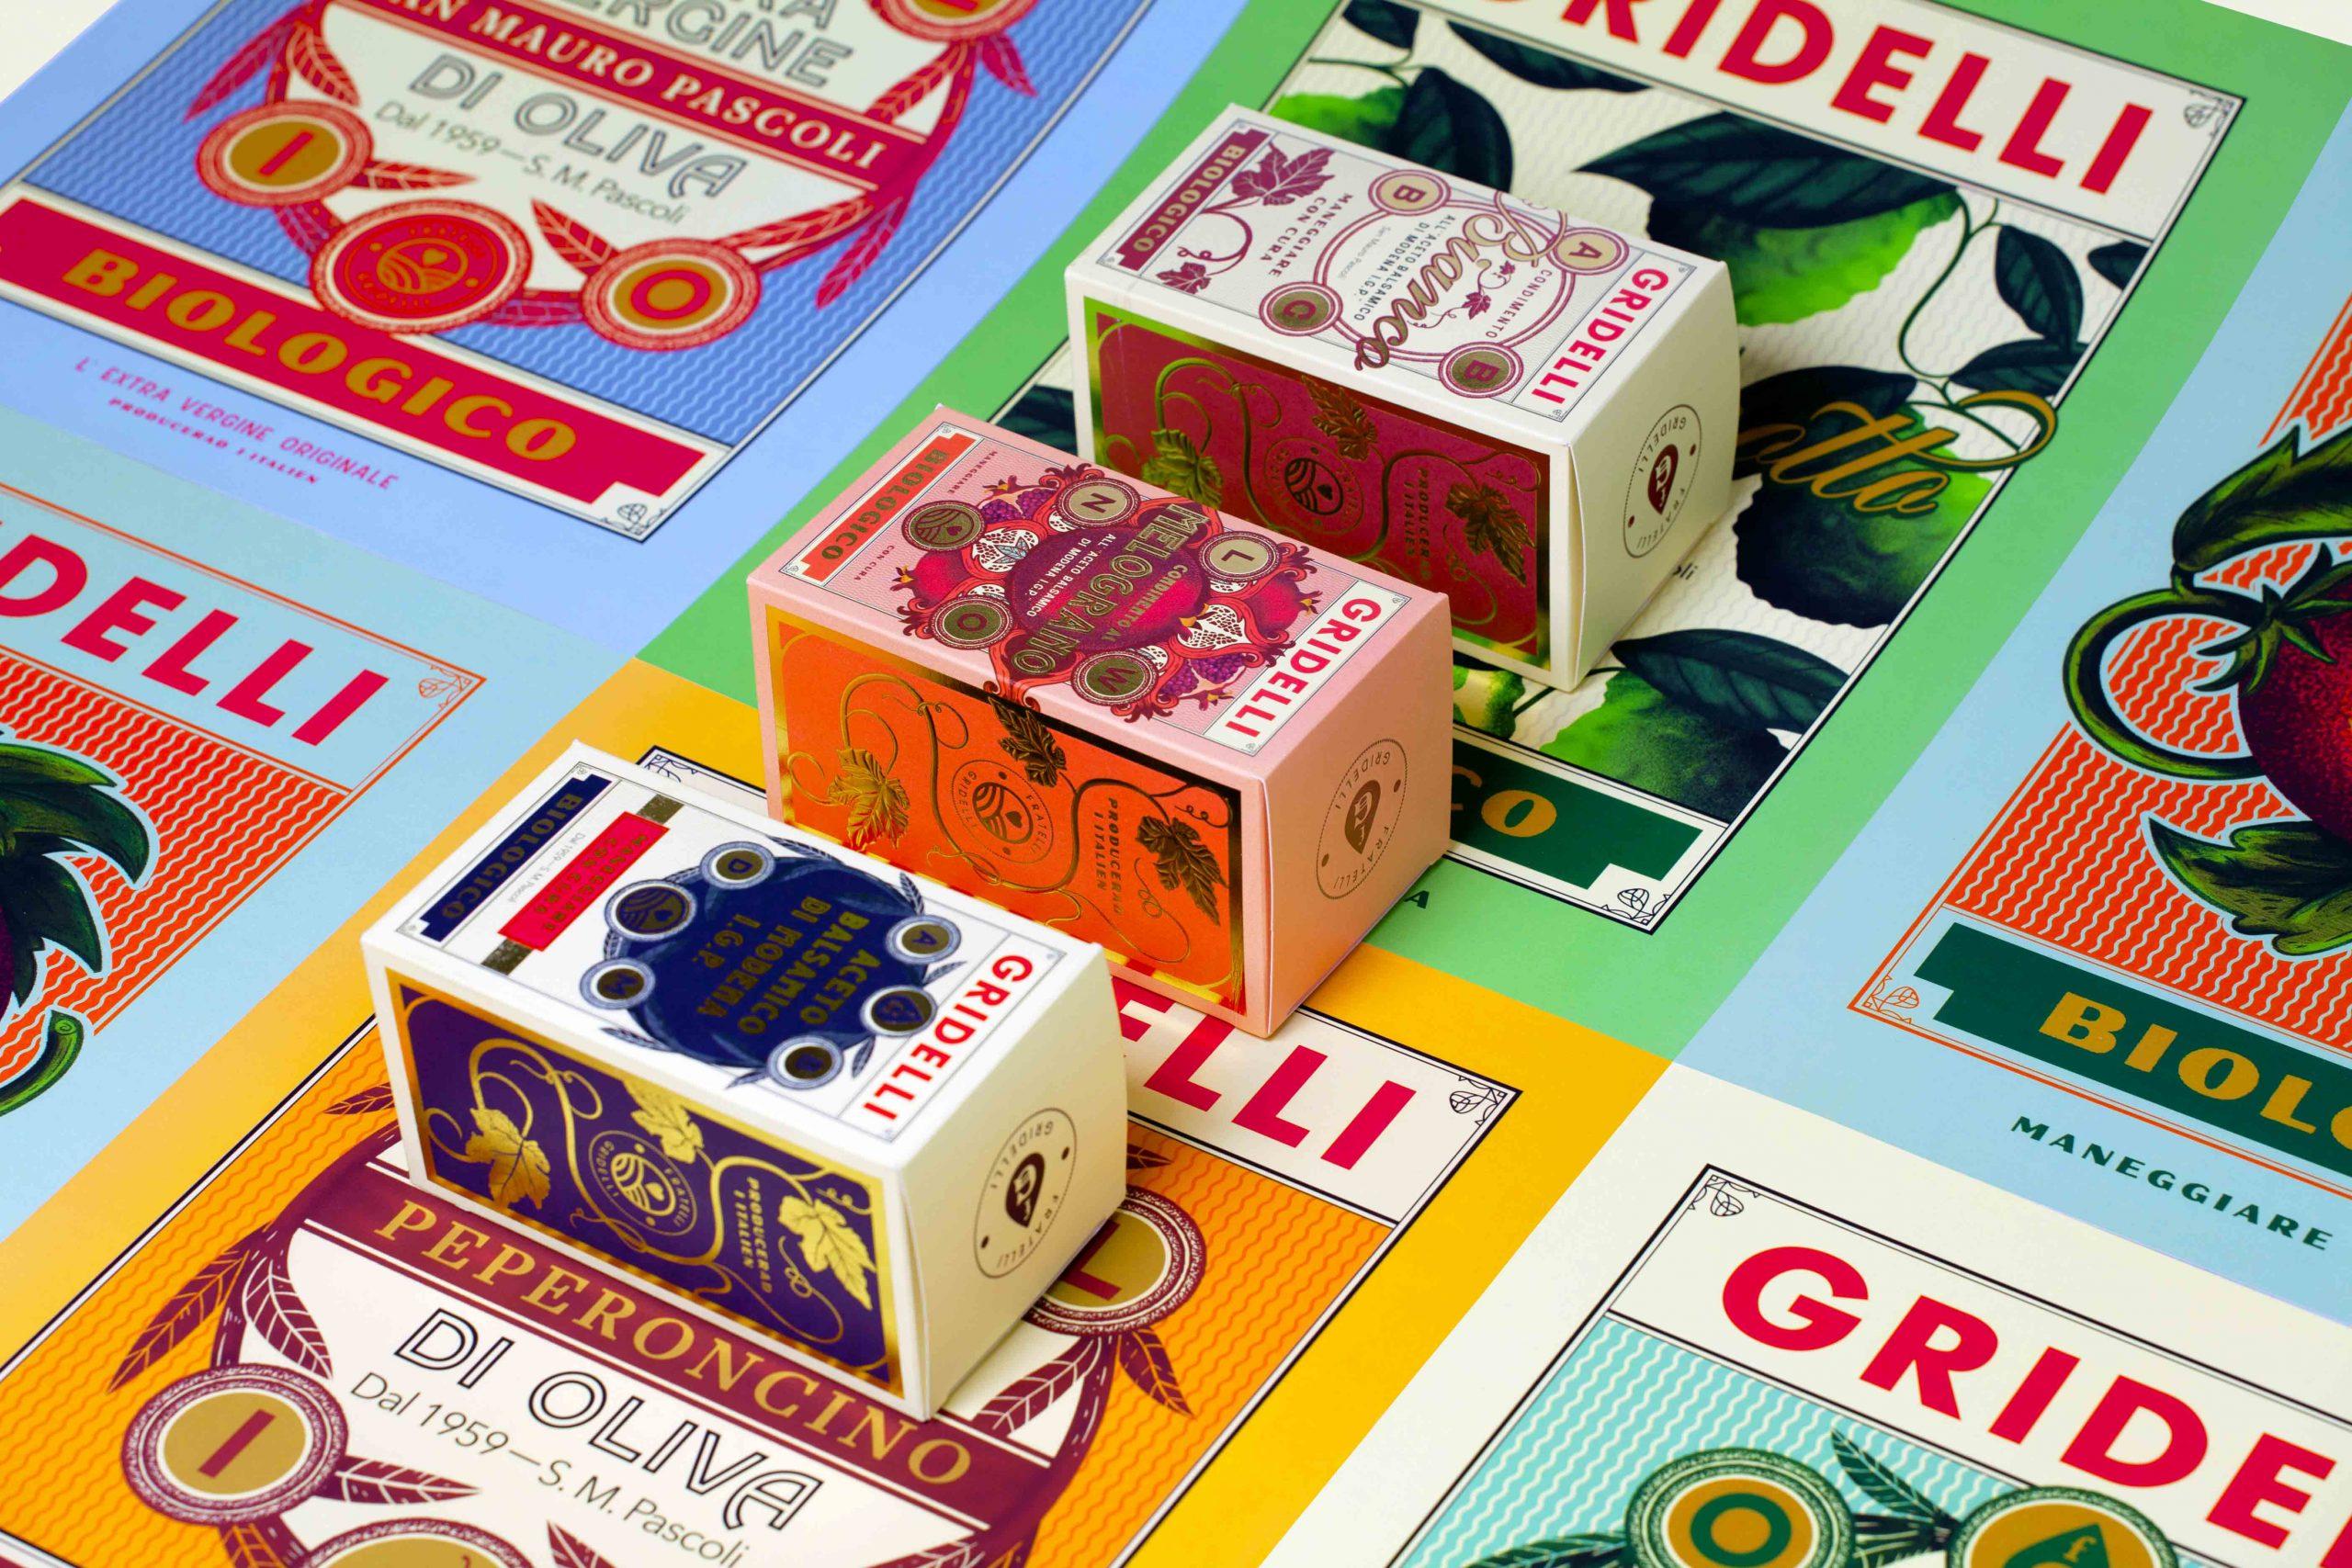 Färgsprakande bild på Gridellis förpackningar